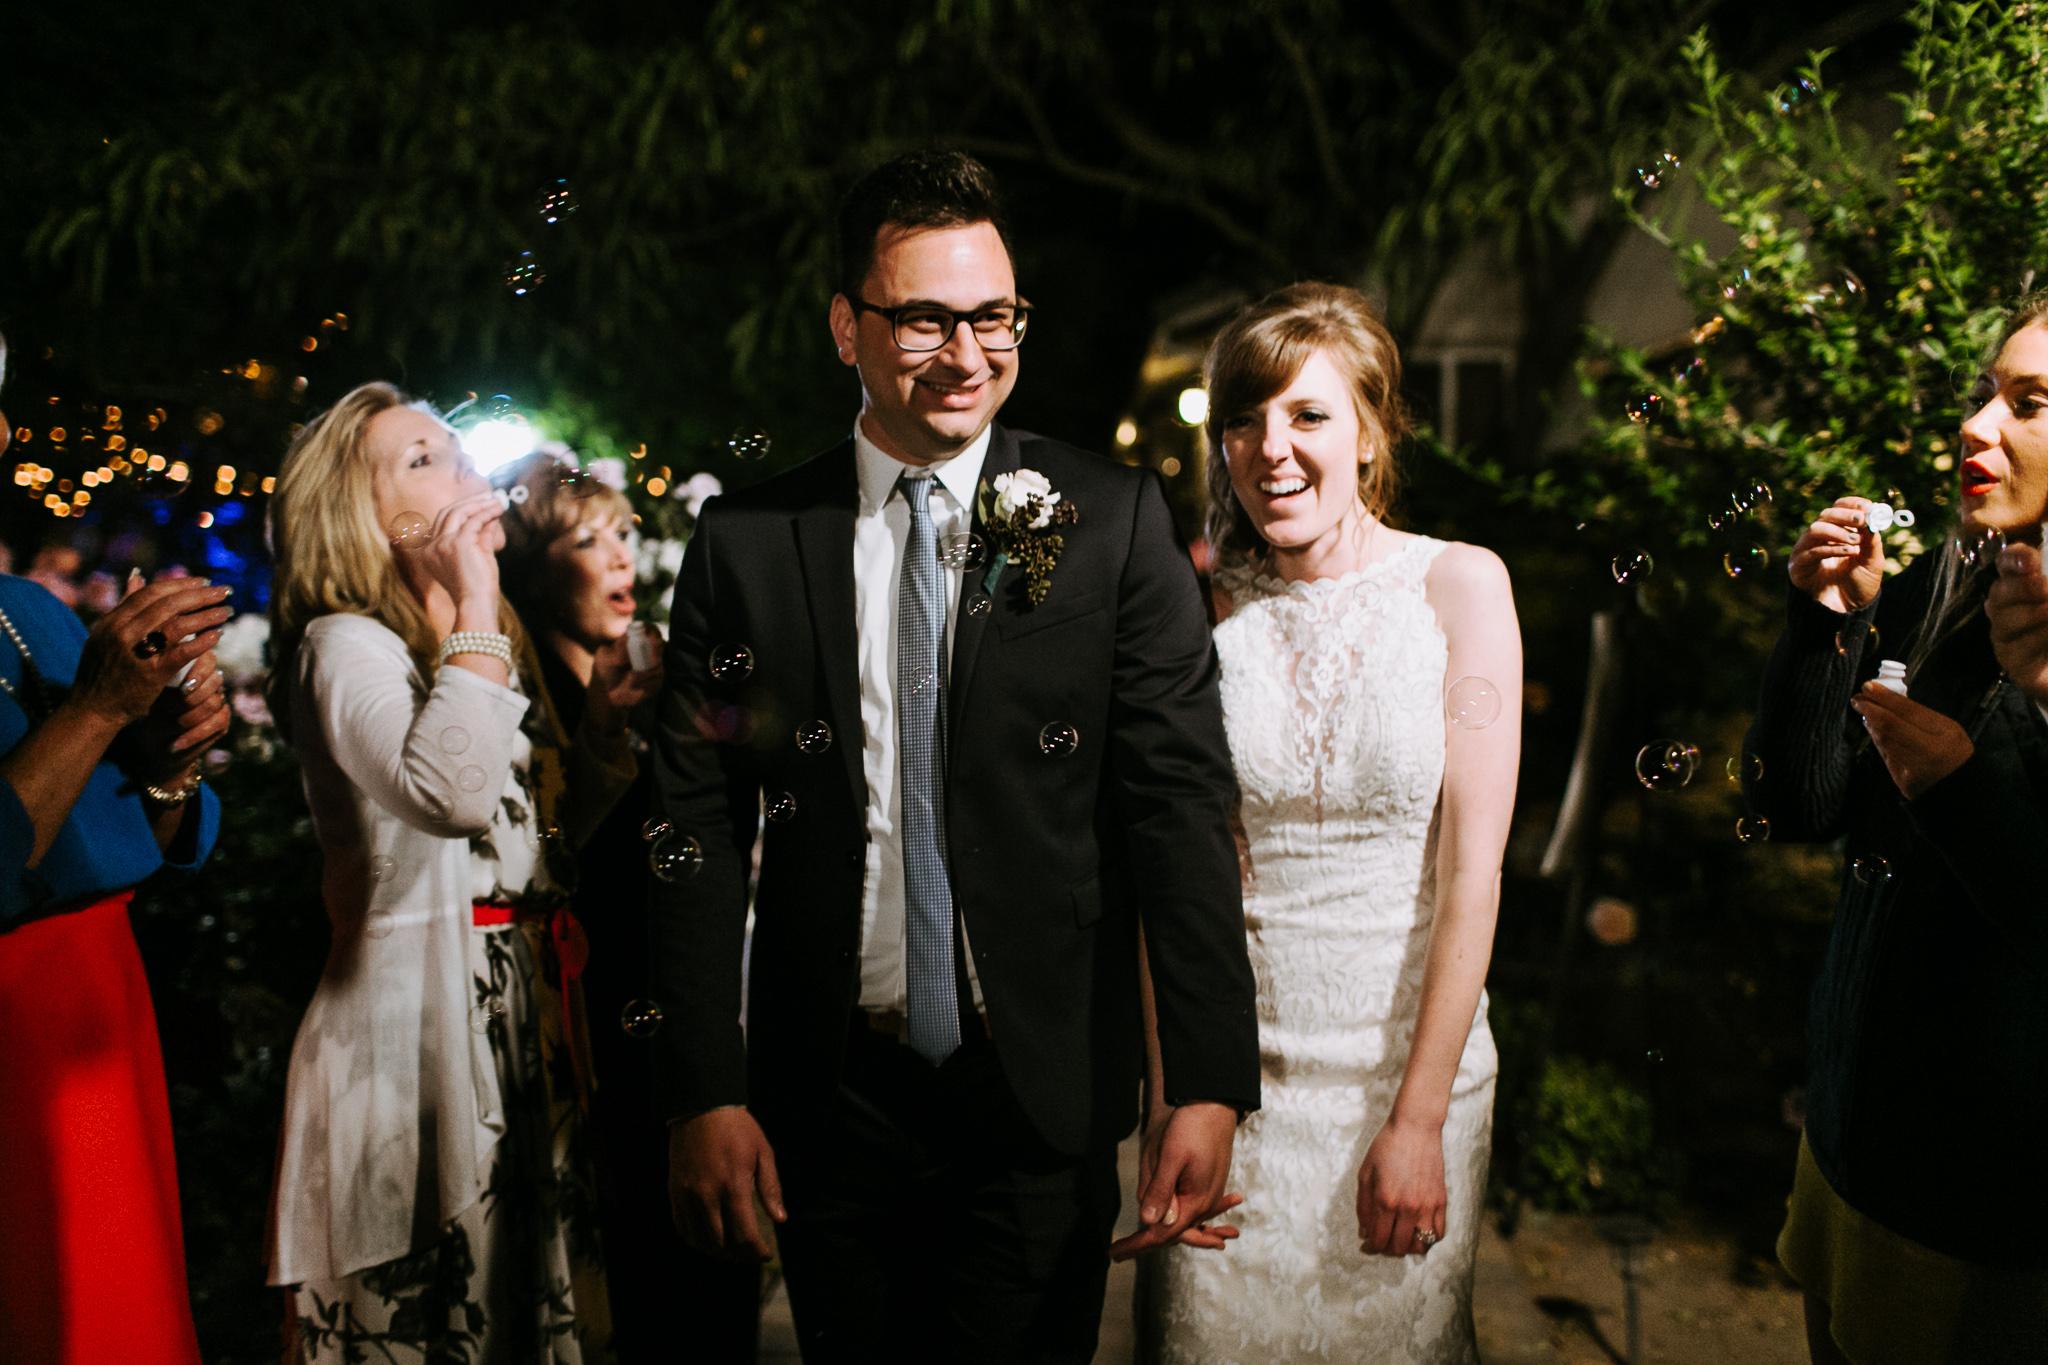 BayArea-Wedding-Photographer-65.jpg